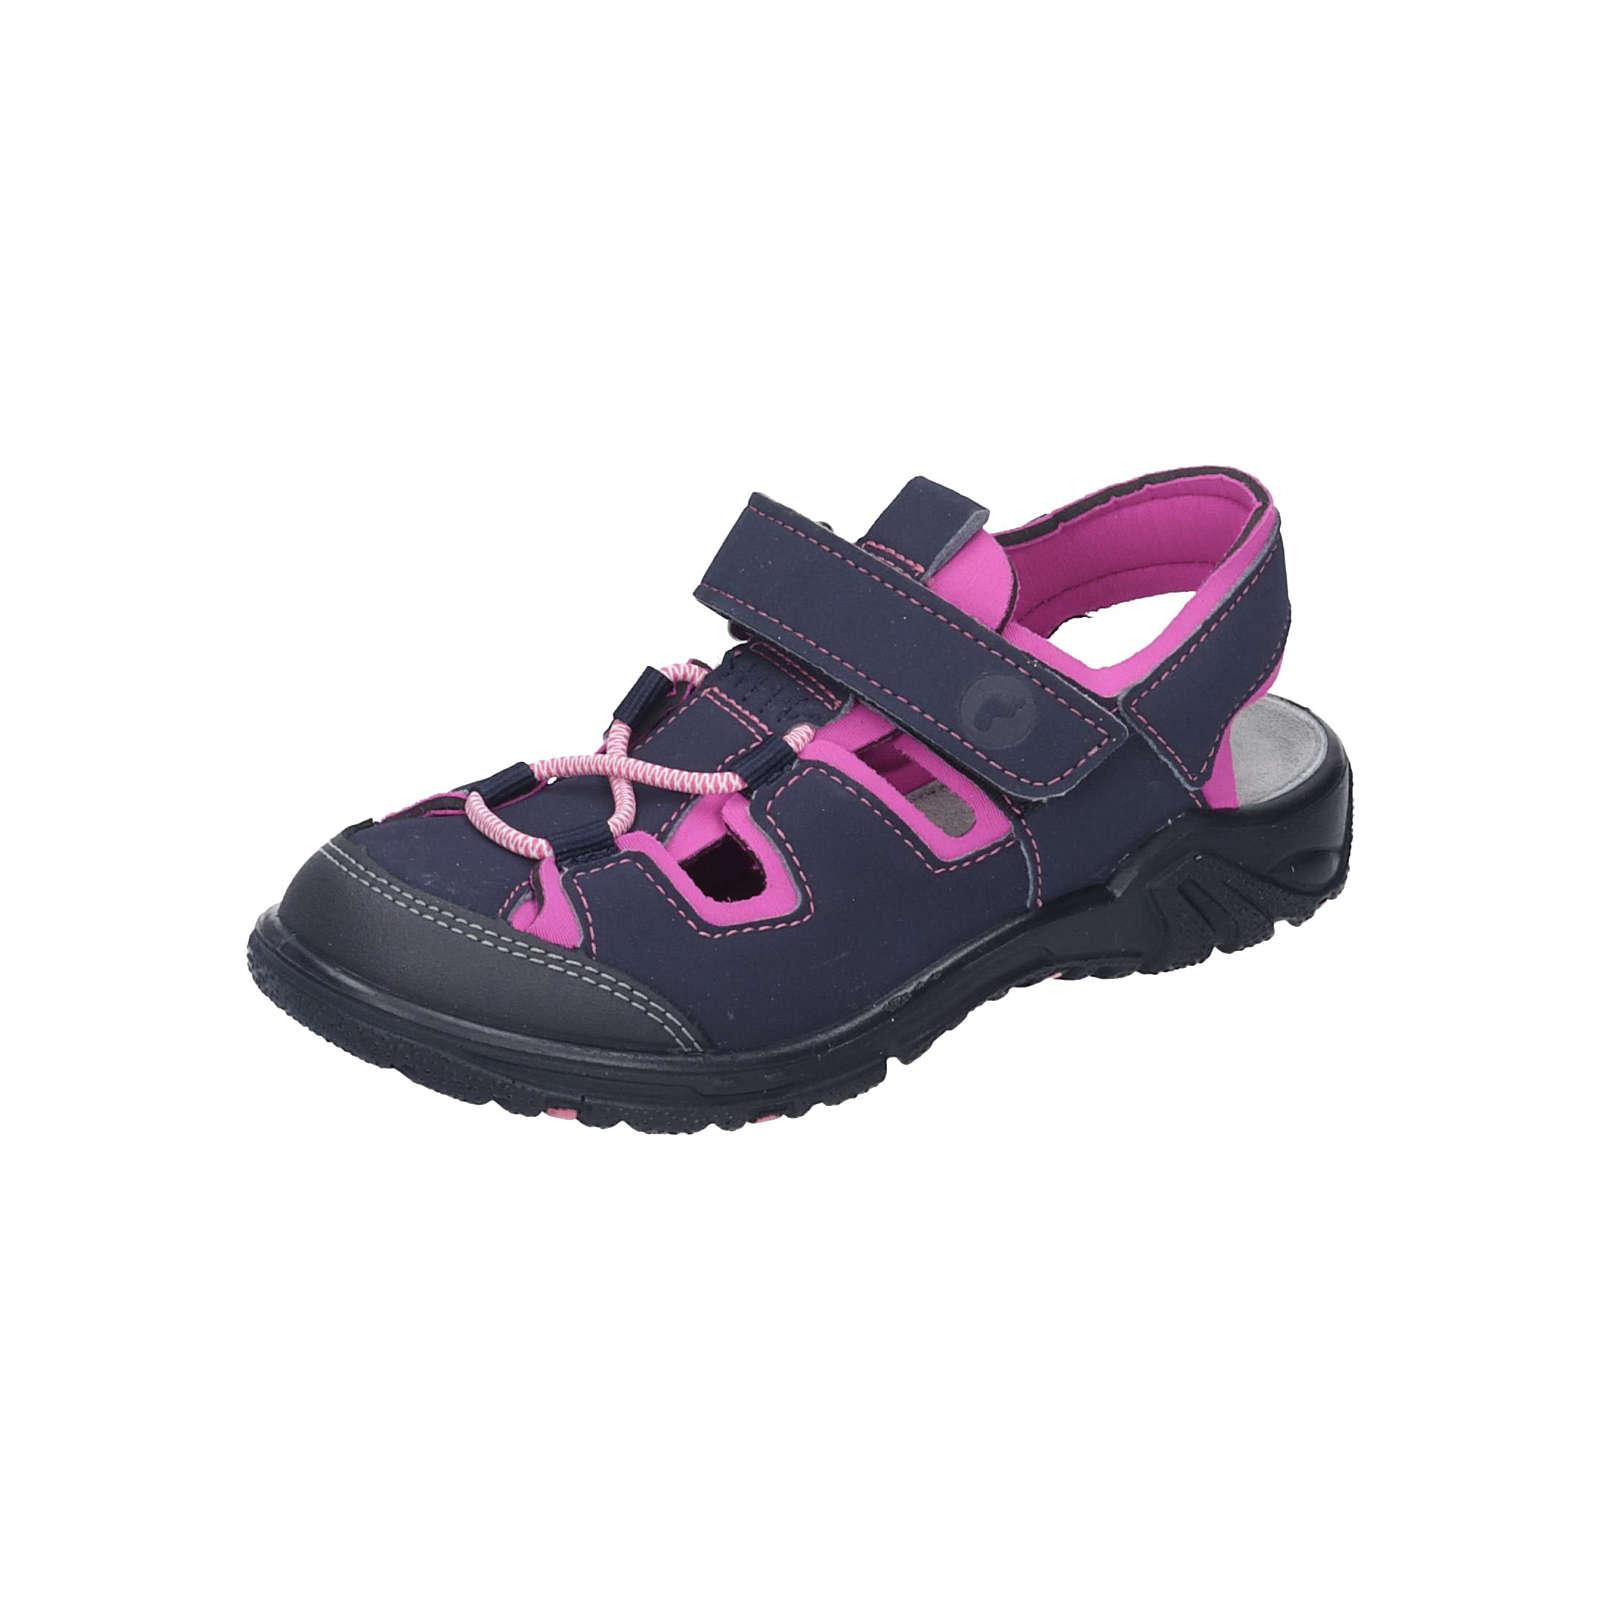 RICOSTA Sandalen für Mädchen blau Mädchen Gr. 28